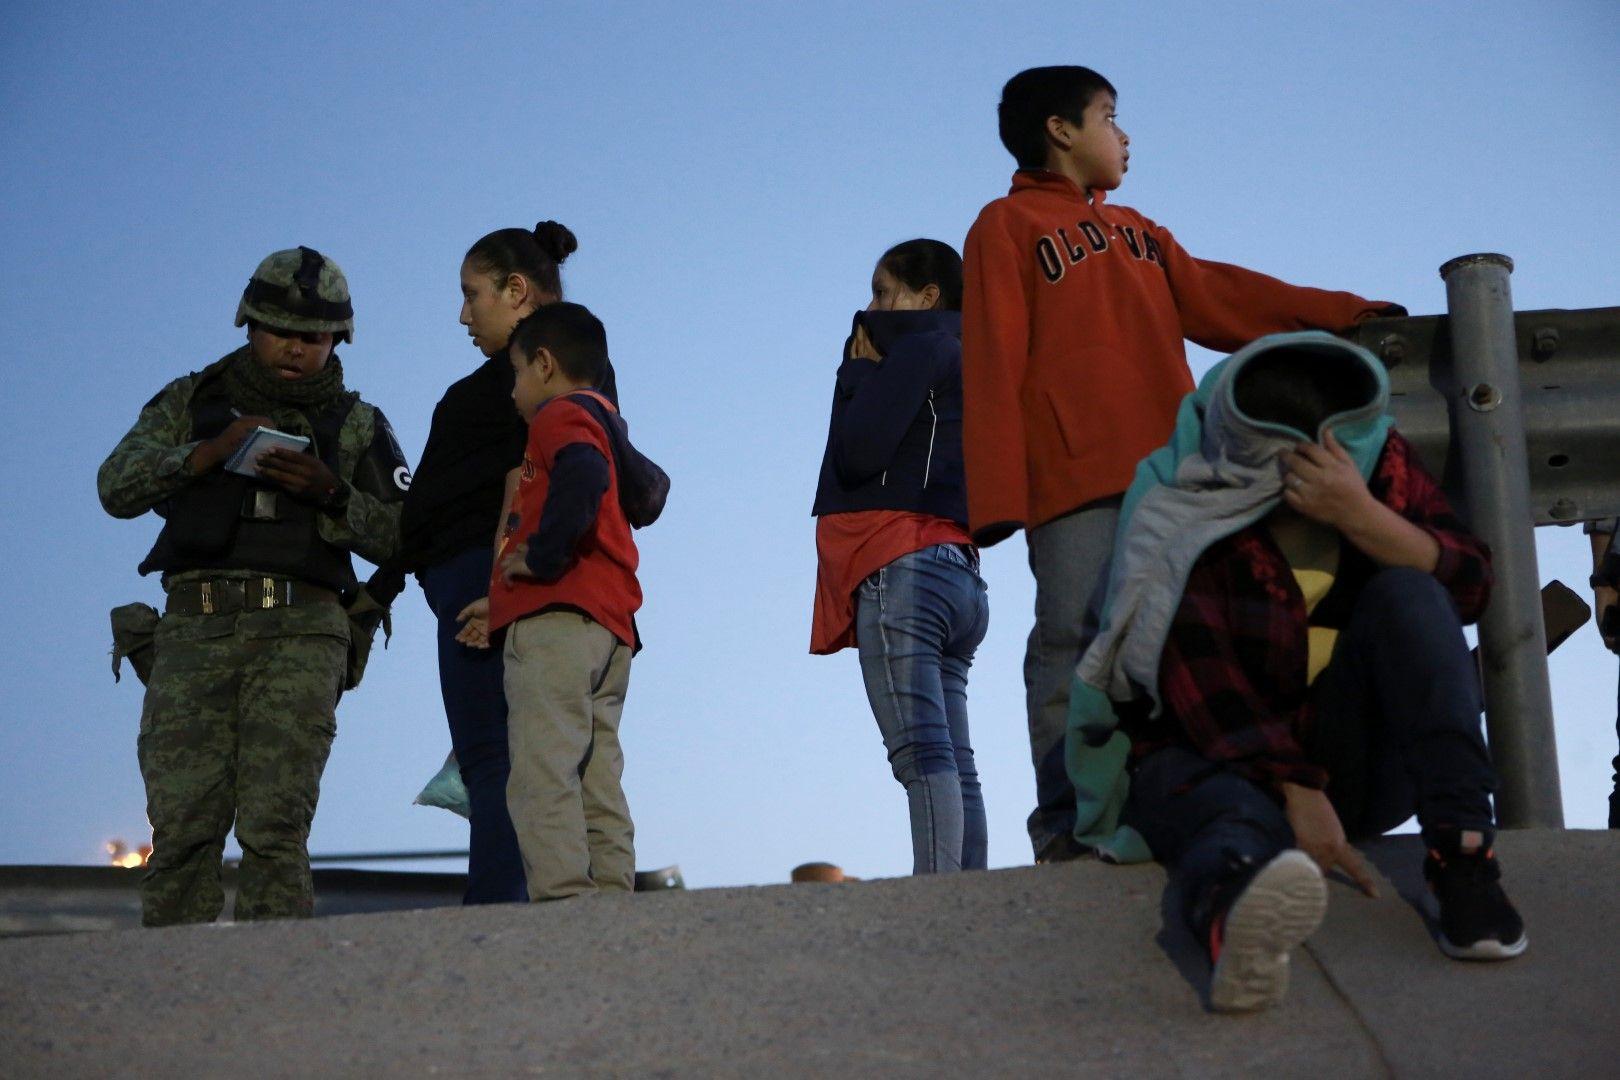 Деца мигранти от Гватемала са спрени от военен полицай в опит да преминат от Мексико в Ел Пасо, Тексас